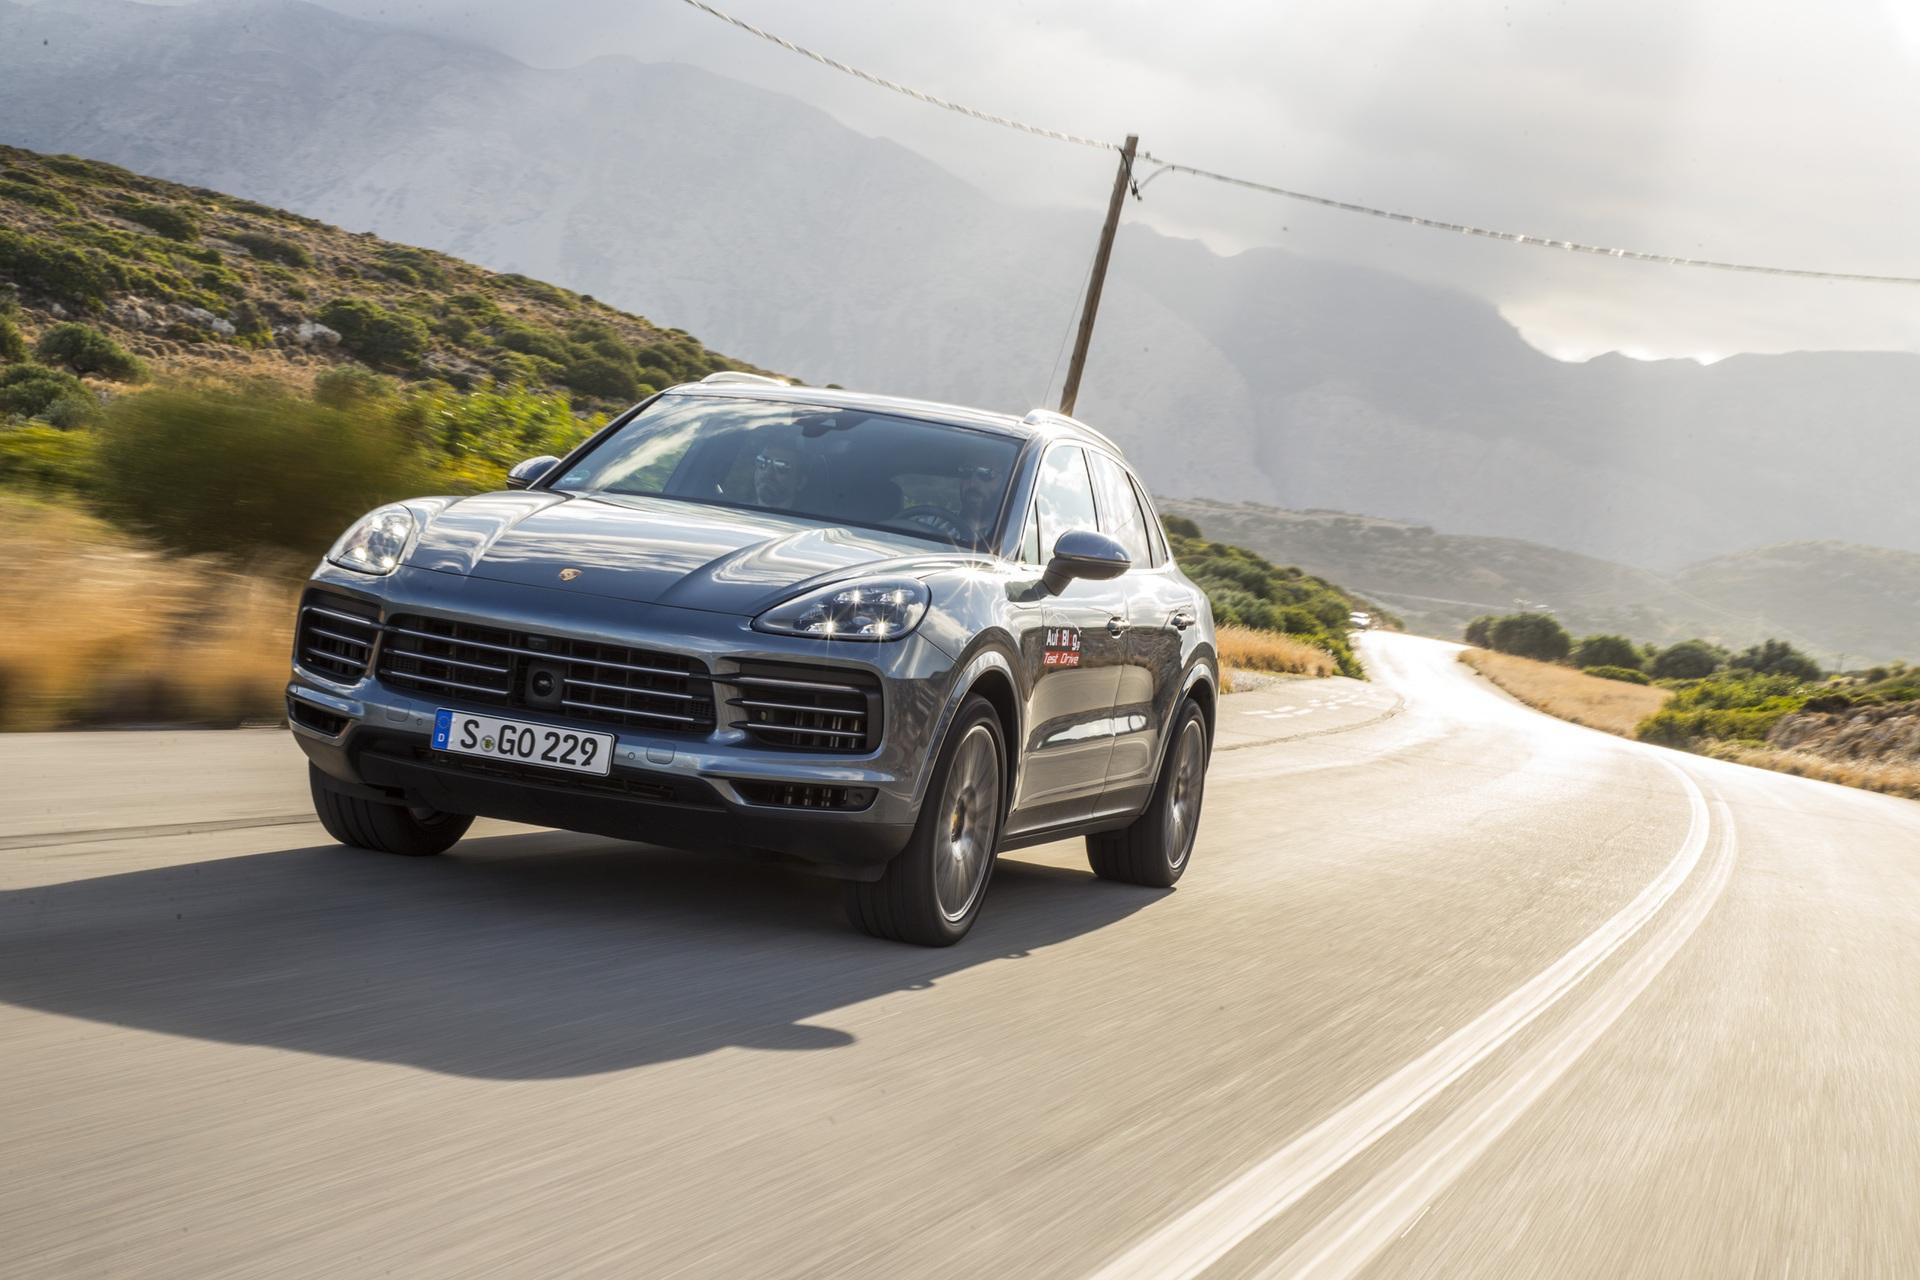 Test_Drive_Porsche_Cayenne_02